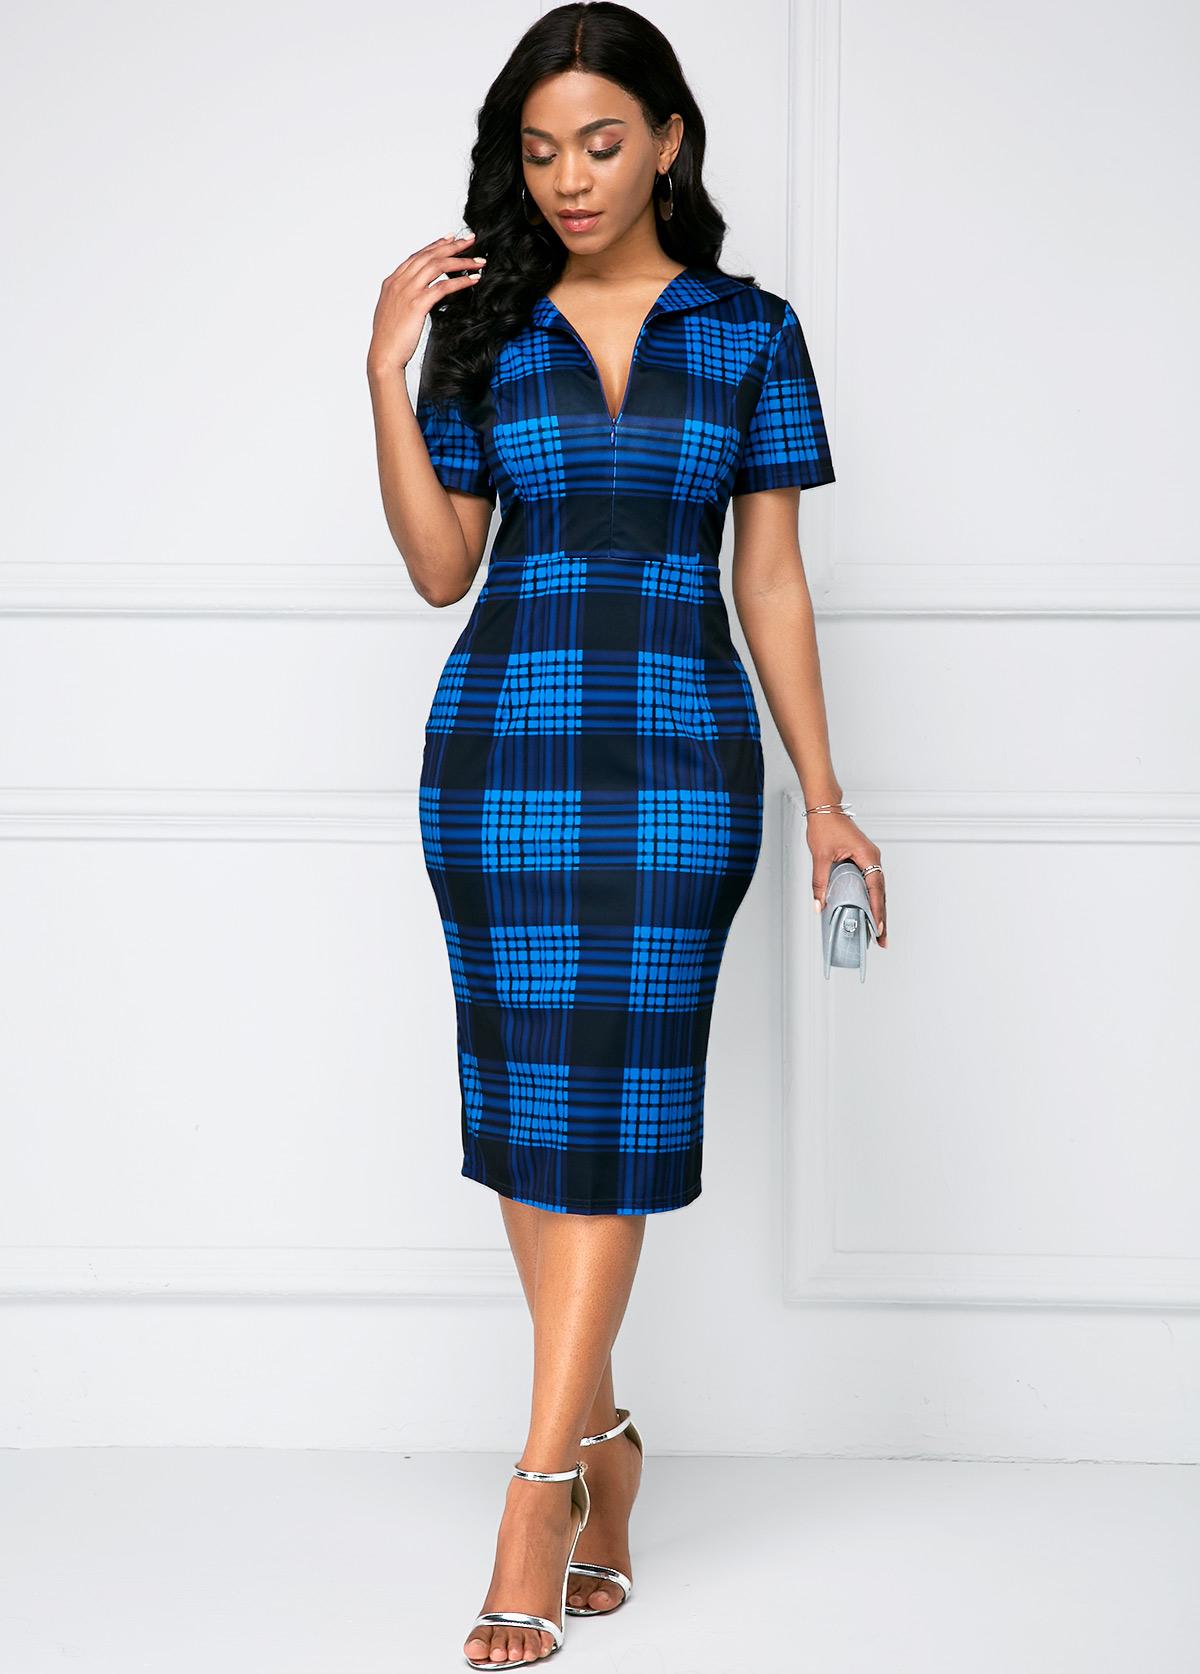 High Waist Deep V Neck Short Sleeve Dress